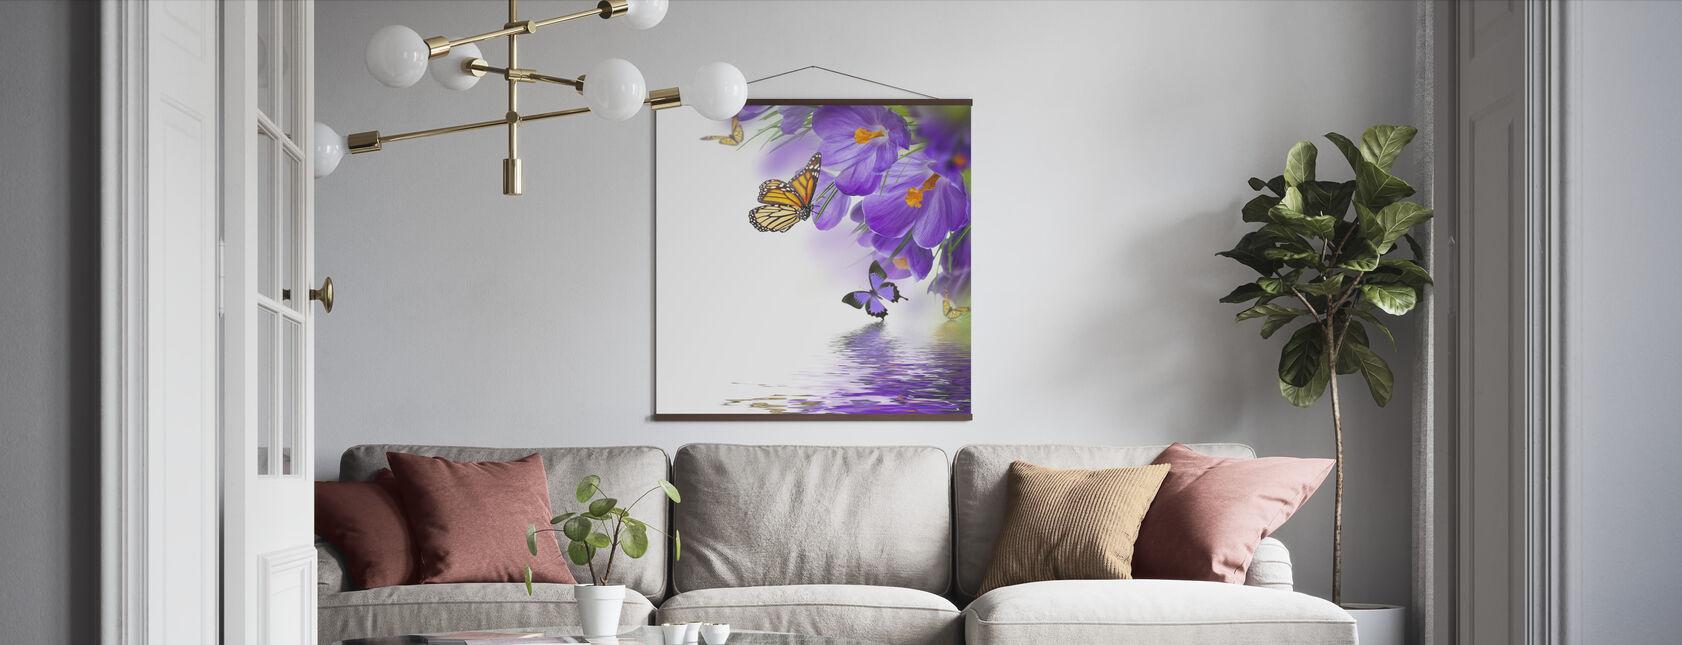 Vlinder Lente Krokussen - Poster - Woonkamer